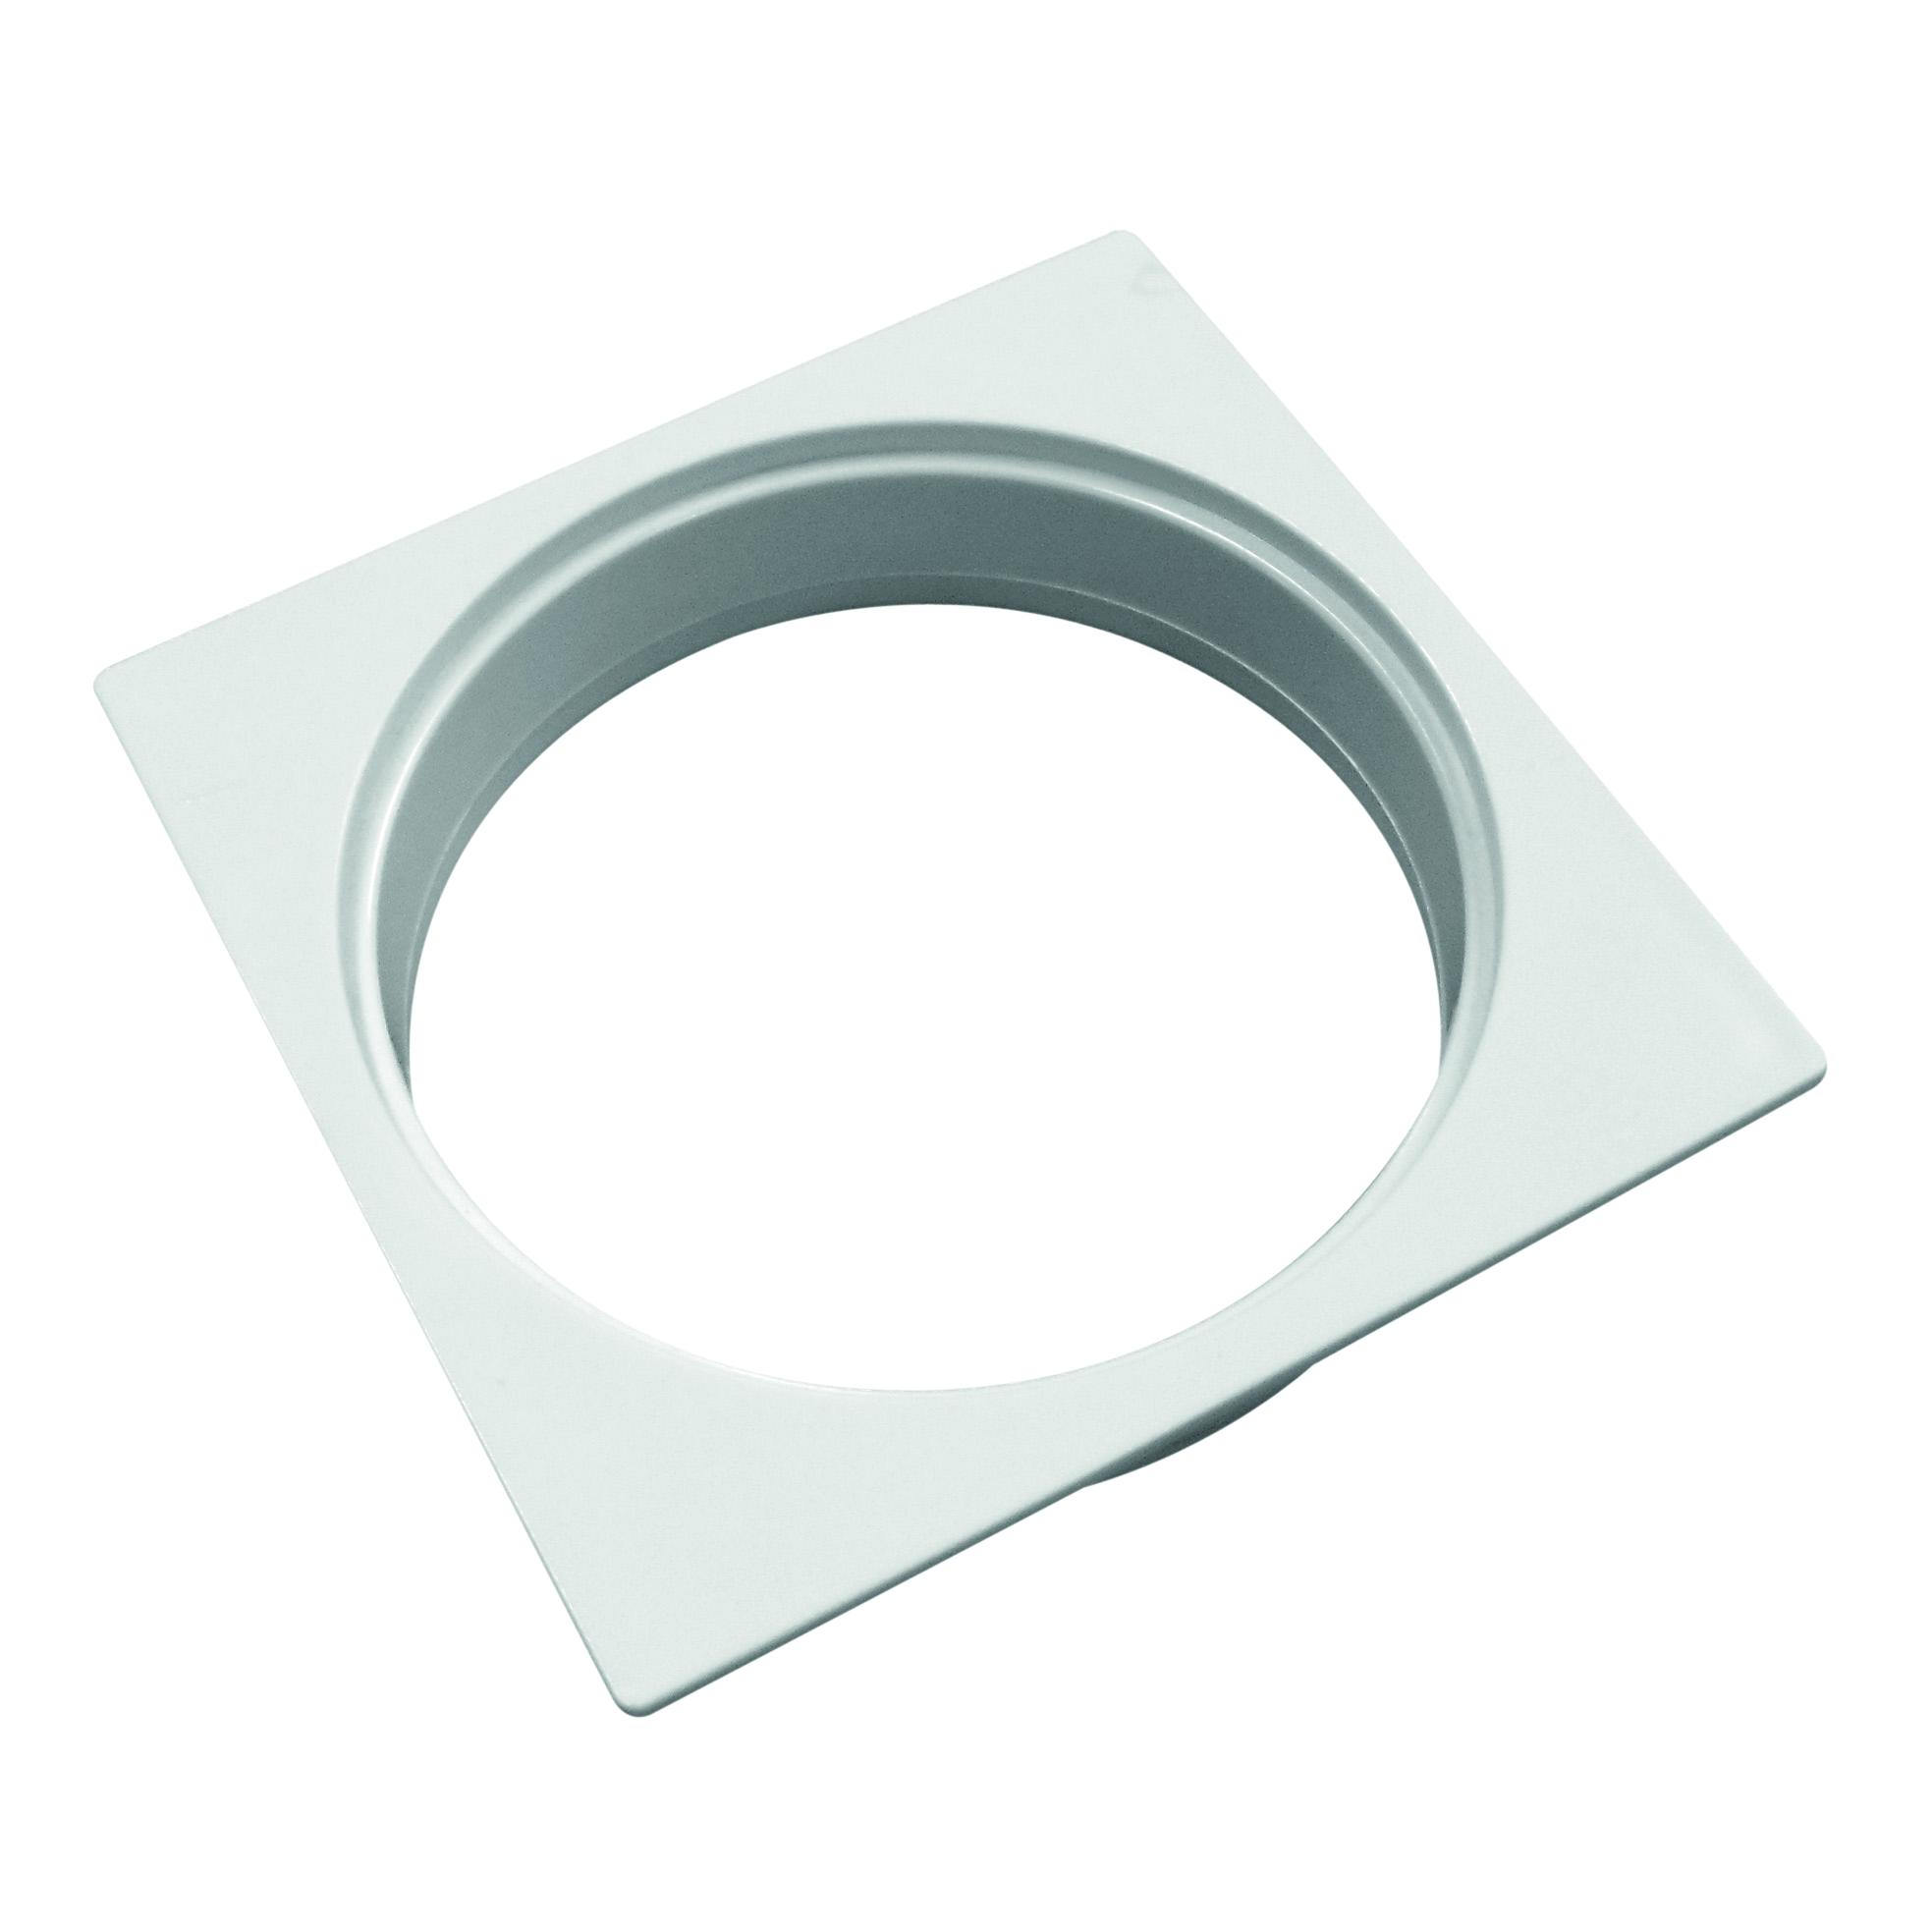 Porta-Grelha Caixa Sifonada 100 mm Quadrada Branca 11766 - Amanco